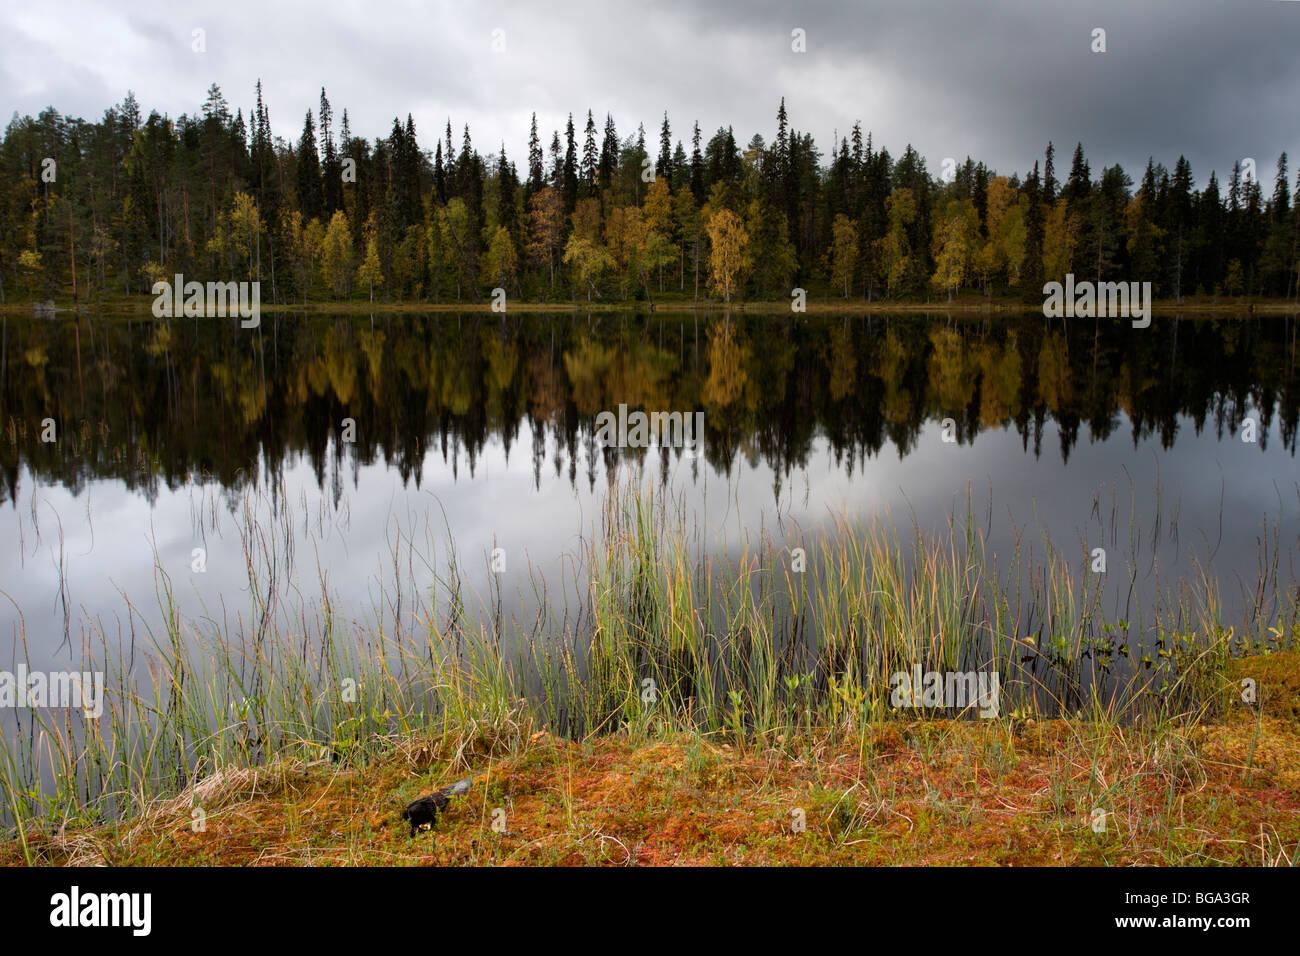 Oulanka National Park: Hiidenlampi - Stock Image